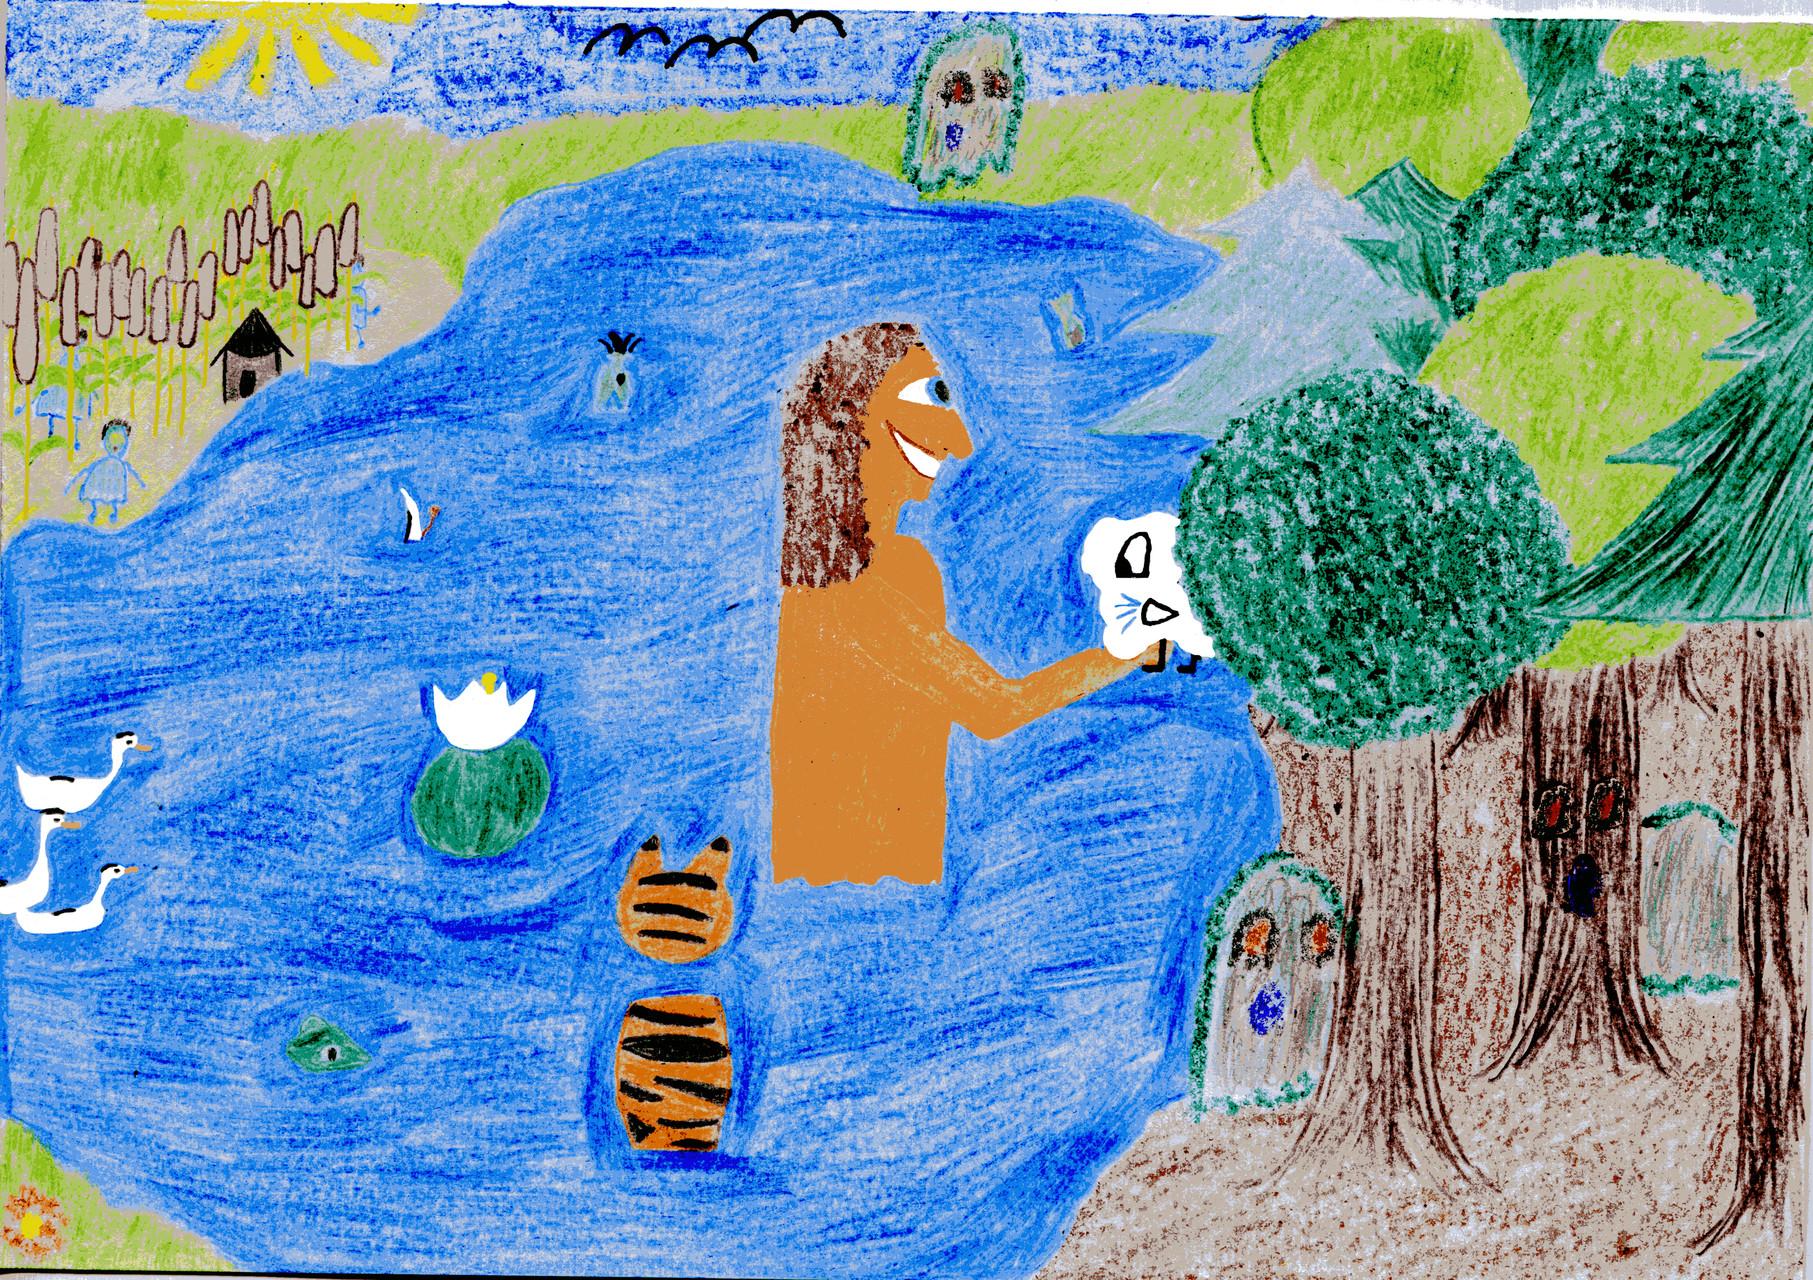 Dorothea und ihre Freunde baden im Teich